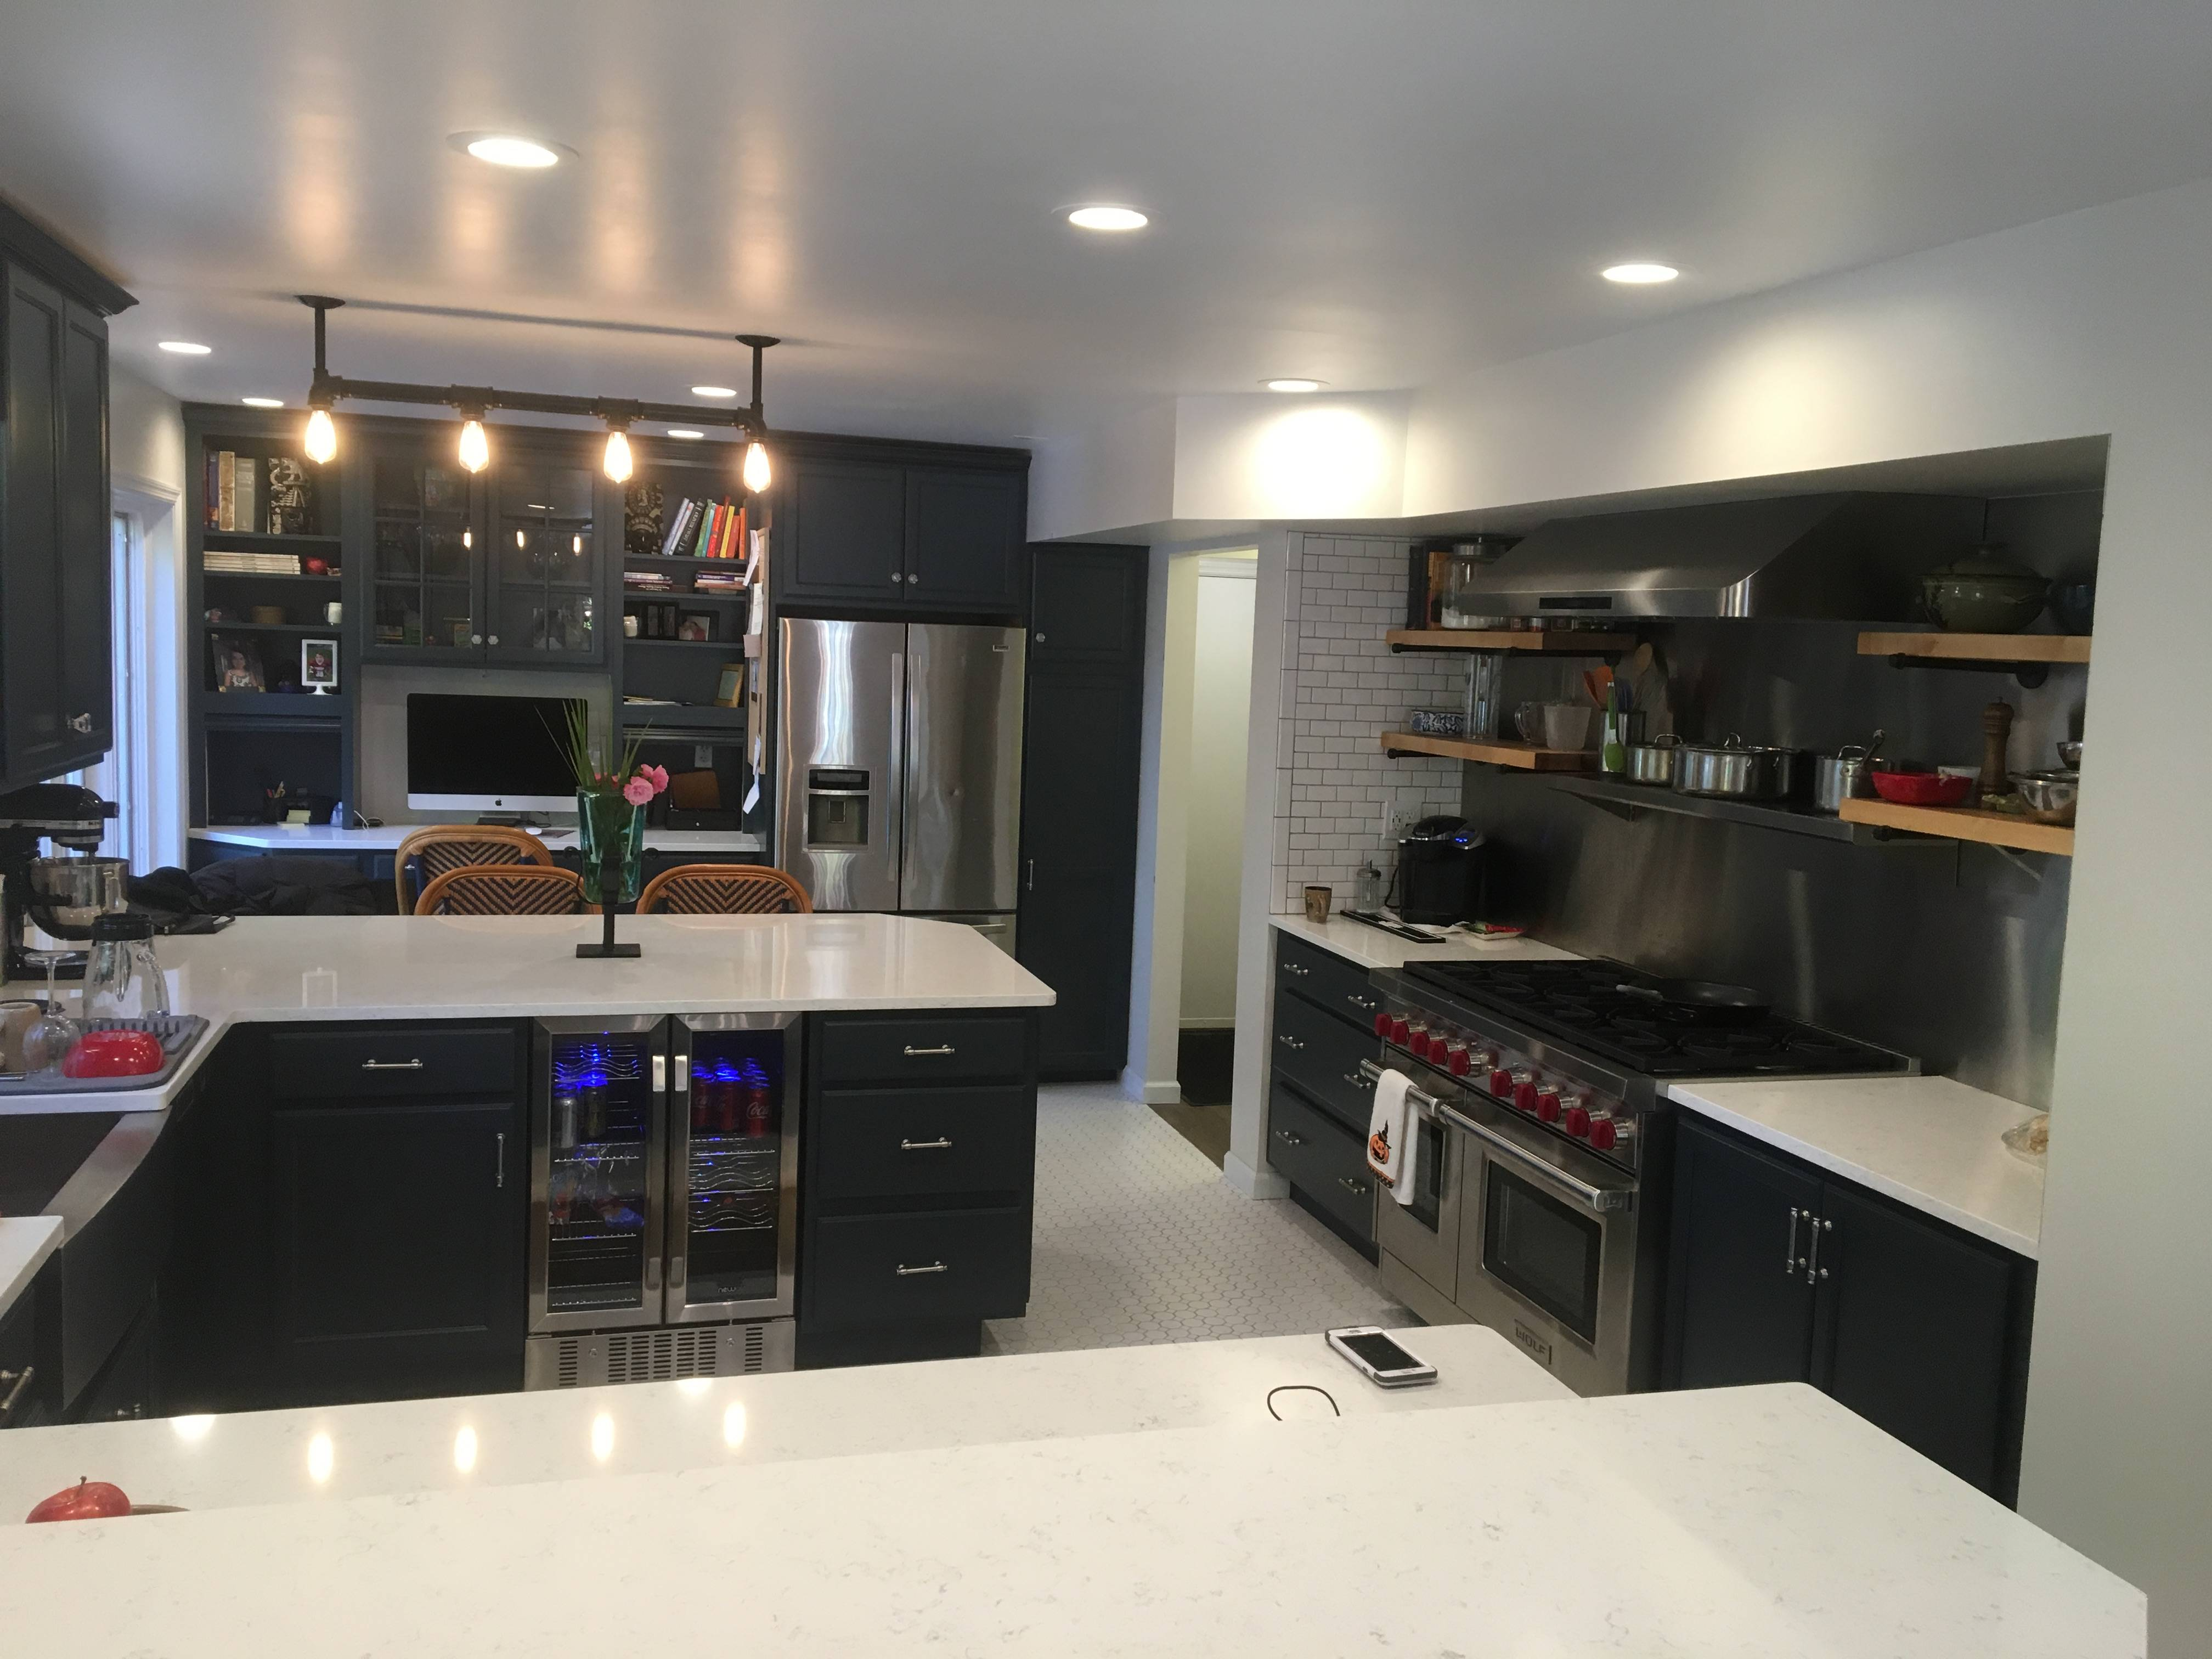 Professional Chef's kitchen